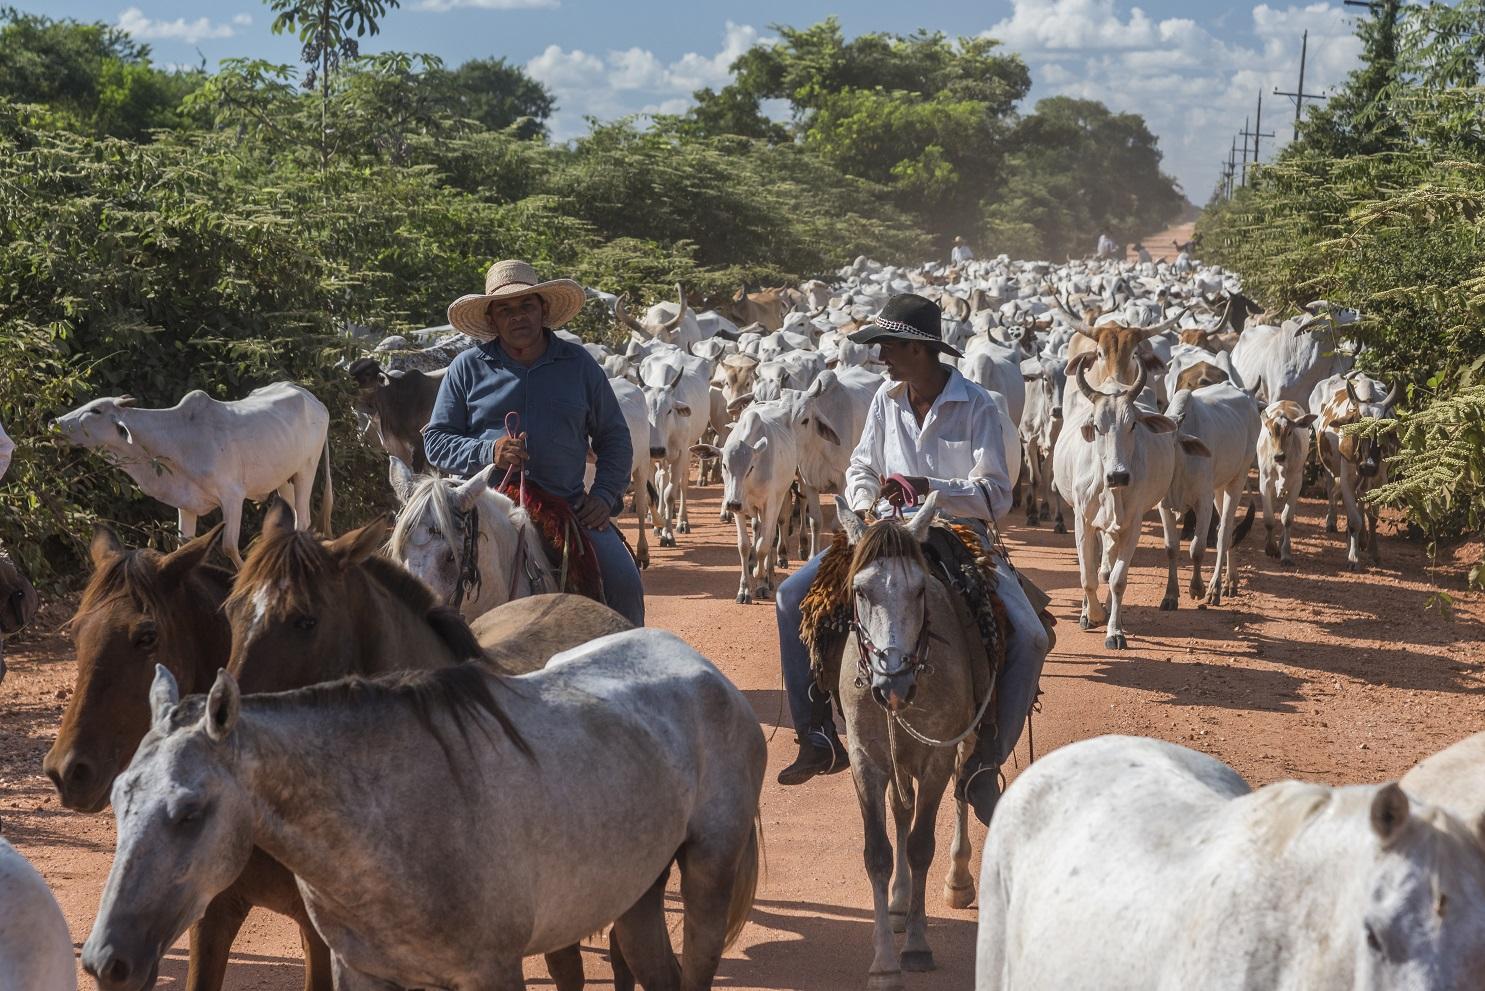 Atualmente, cinco empresas absorvem a produção de carne certificada do Pantanal, cujo rebanho é de 50 mil cabeças.Foto Andre Dib/WWF-Brasil